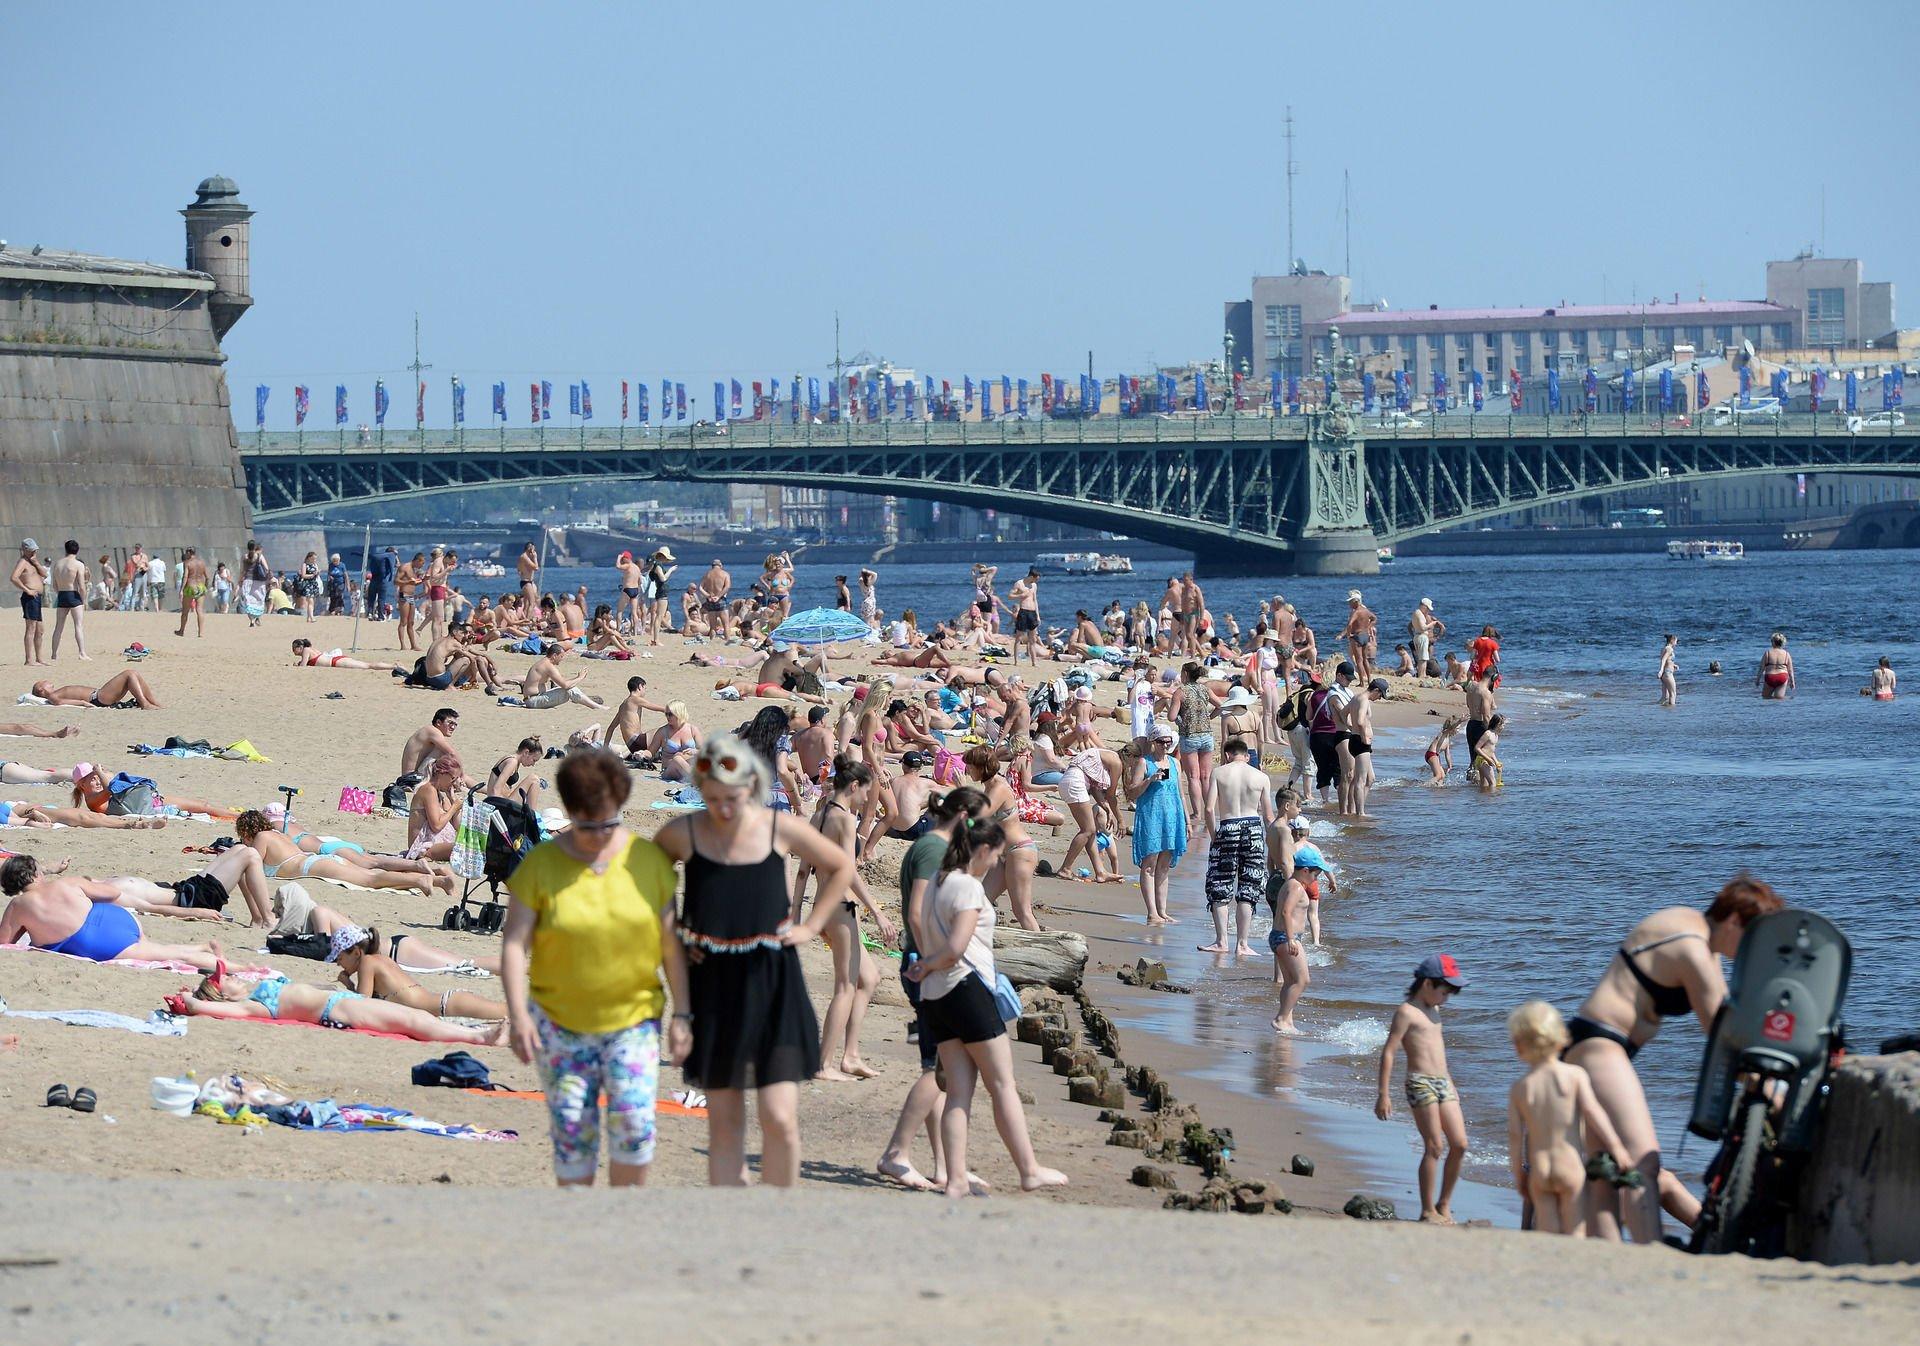 фото с пляжей санкт петербурга каждого метода